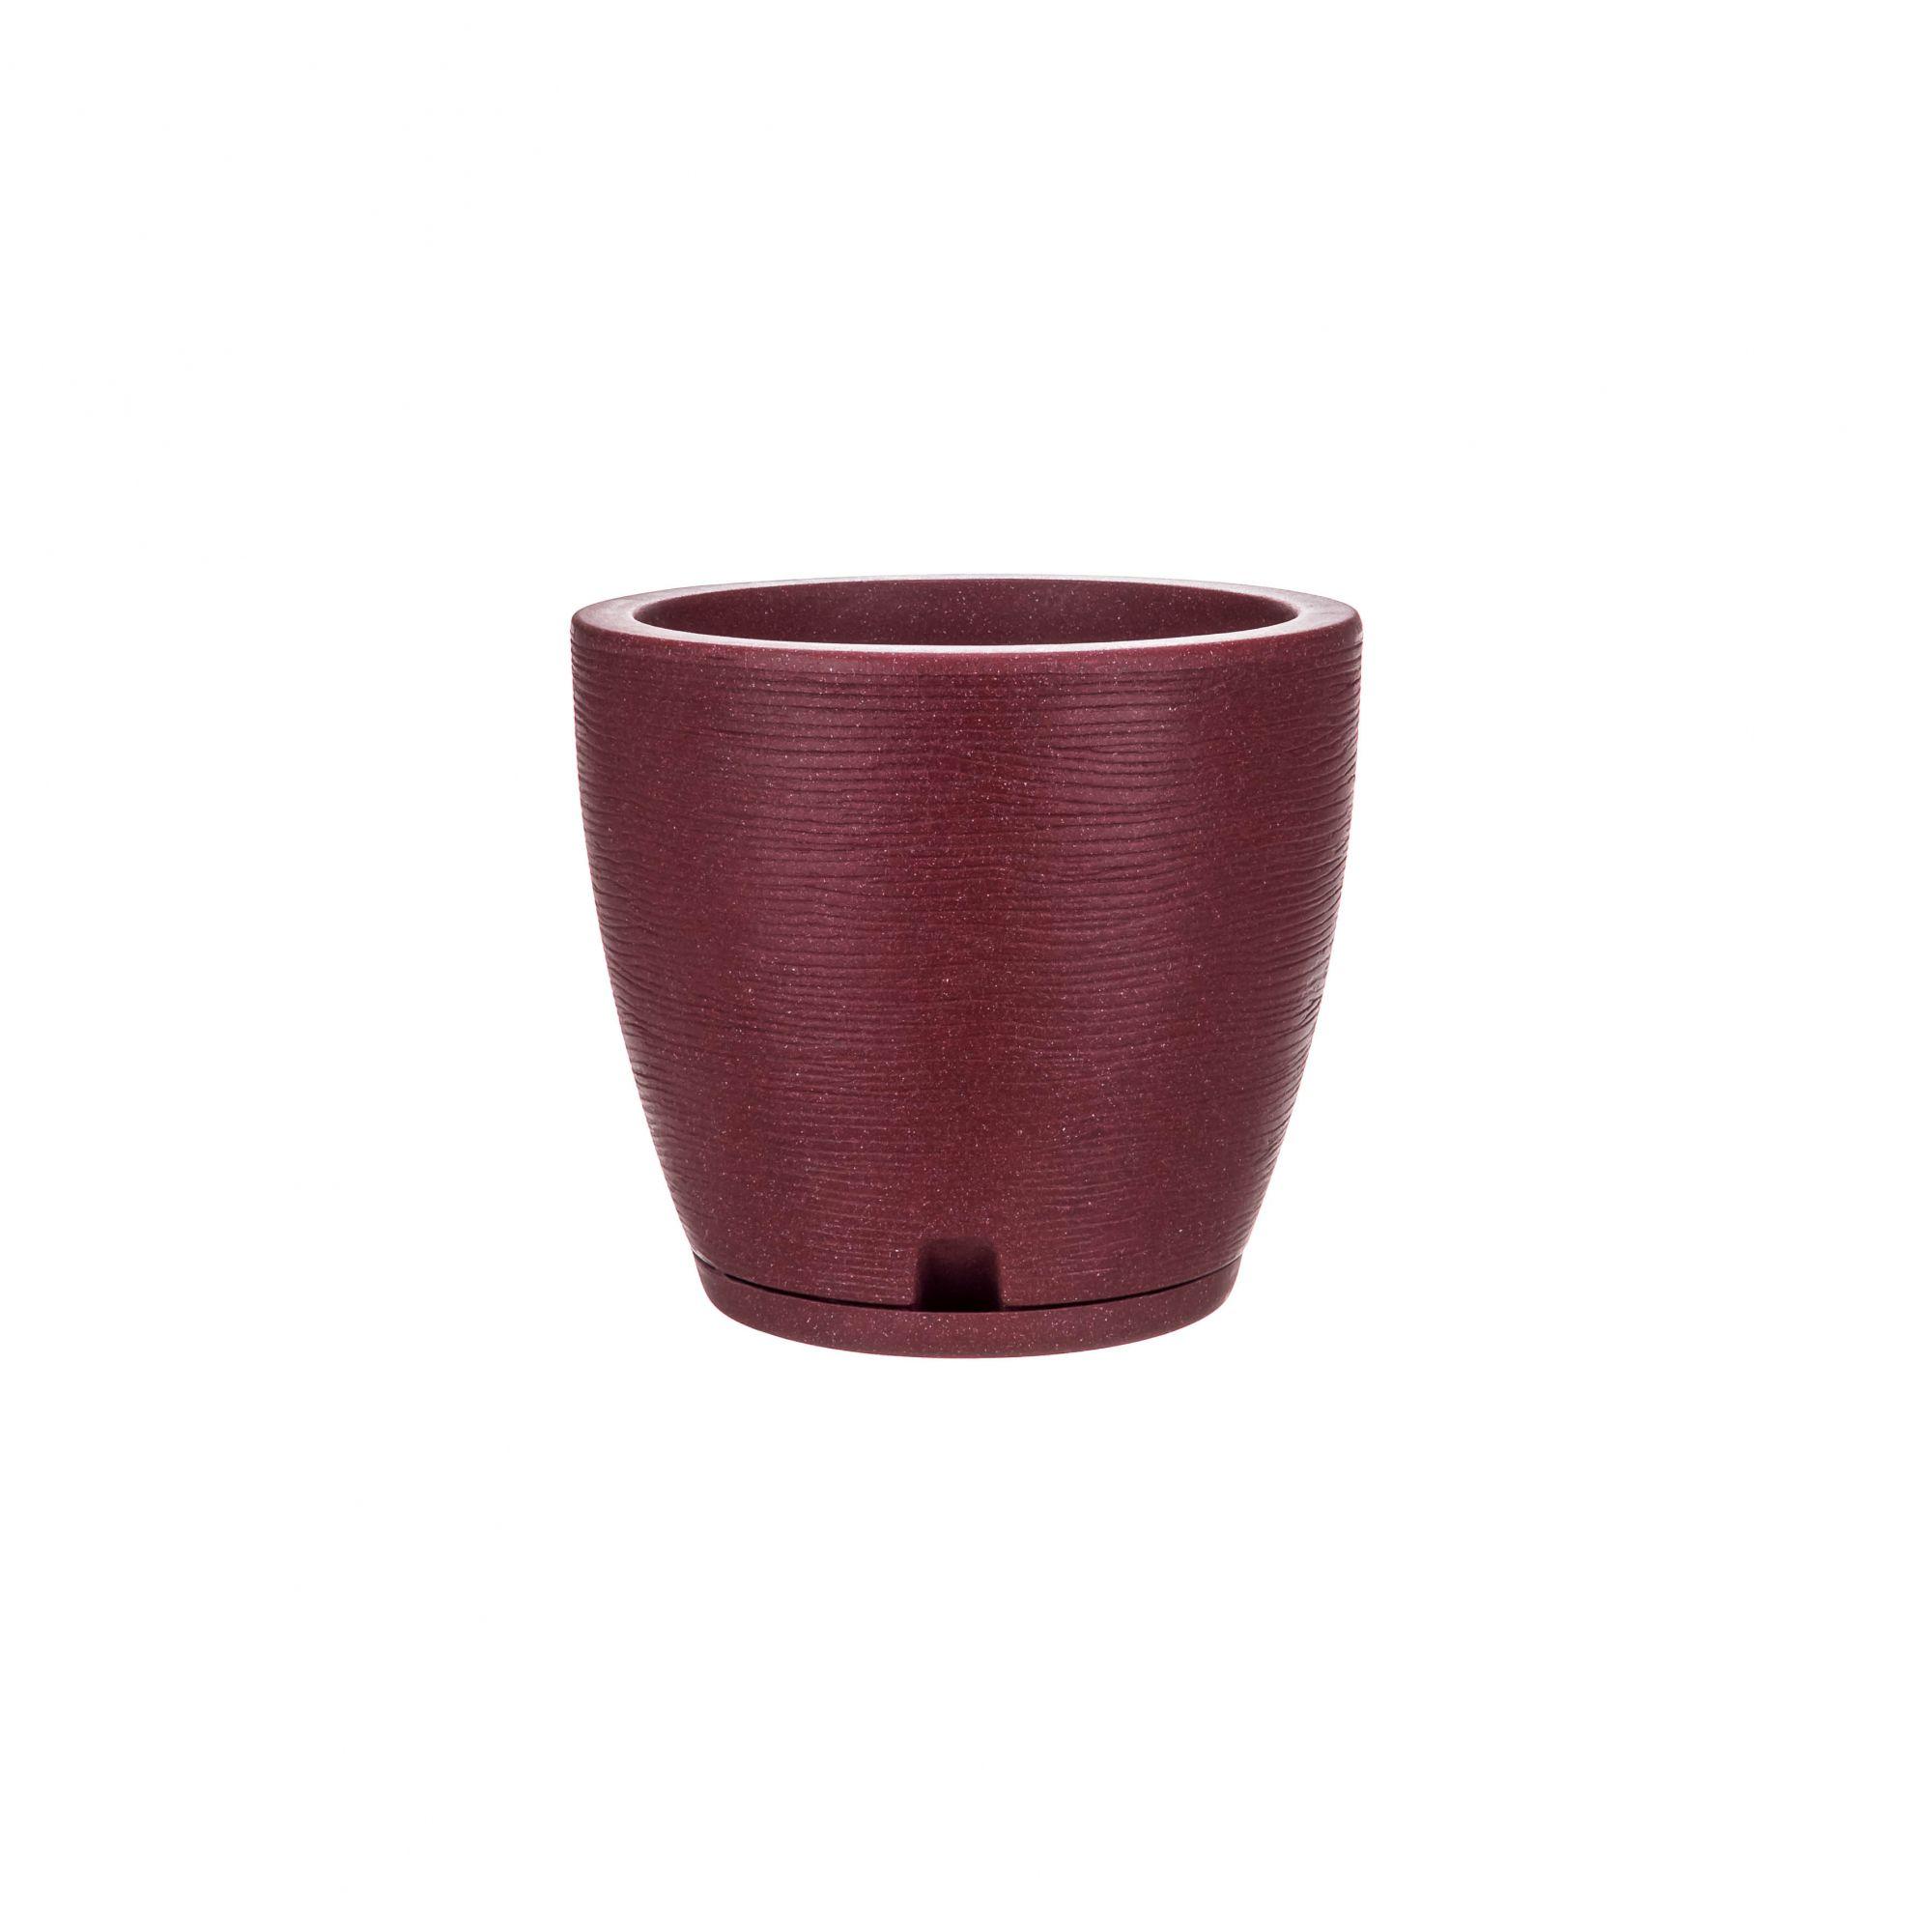 Vaso Amsterdã Grafiato Vinho Stone - 27 x 28 cm